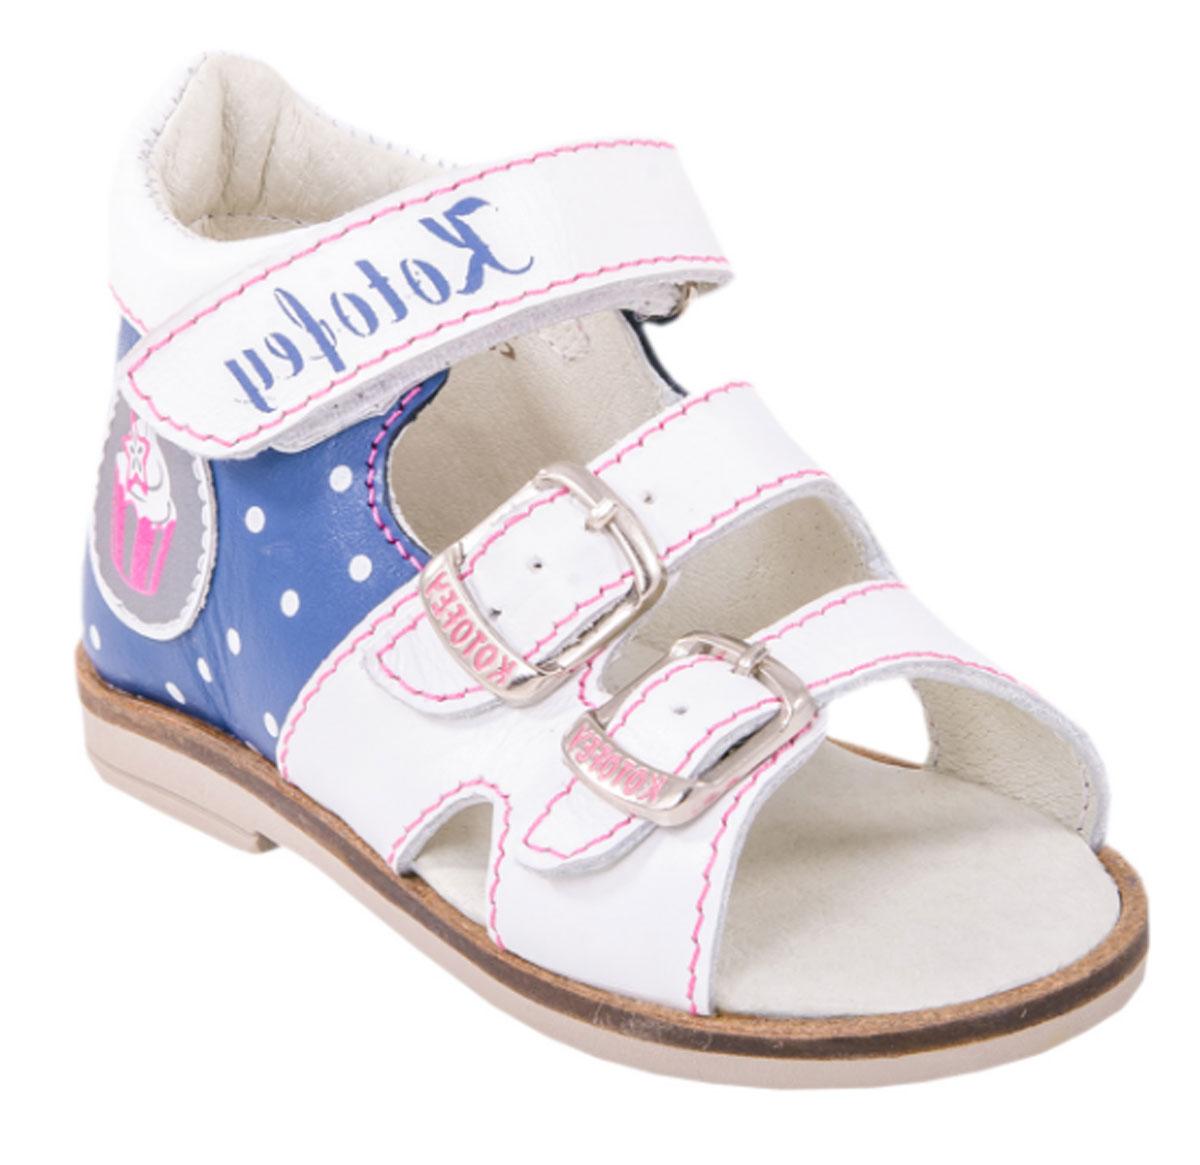 Сандалии022071-21Прекрасные сандалии от Котофей разработаны специально для первых шагов вашей малышки. Модель выполнена из натуральной кожи и оформлена принтом в горох, сбоку - декоративной нашивкой со светоотражающим эффектом. Модель можно отрегулировать по полноте, благодаря чему сандалии подойдут практически для любой ножки. Высокий жесткий задник и регулирующие ремешки надежно зафиксируют ножку ребенка, не давая ей смещаться из стороны в сторону и назад. Два ремешка застегиваются на металлические пряжки, один - на застежку- липучку. Внутренняя поверхность и стелька из натуральной кожи комфортны при движении. Стелька дополнена супинатором, который обеспечивает правильное положение стопы ребенка при ходьбе и предотвращает плоскостопие. Легкая гибкая подошва снабжена невысоким каблучком, который продлен с внутренней стороны до середины стопы, чтобы исключить вращение (заваливание) стопы вовнутрь. Рифленая поверхность подошвы обеспечивает отличное сцепление с любой поверхностью....